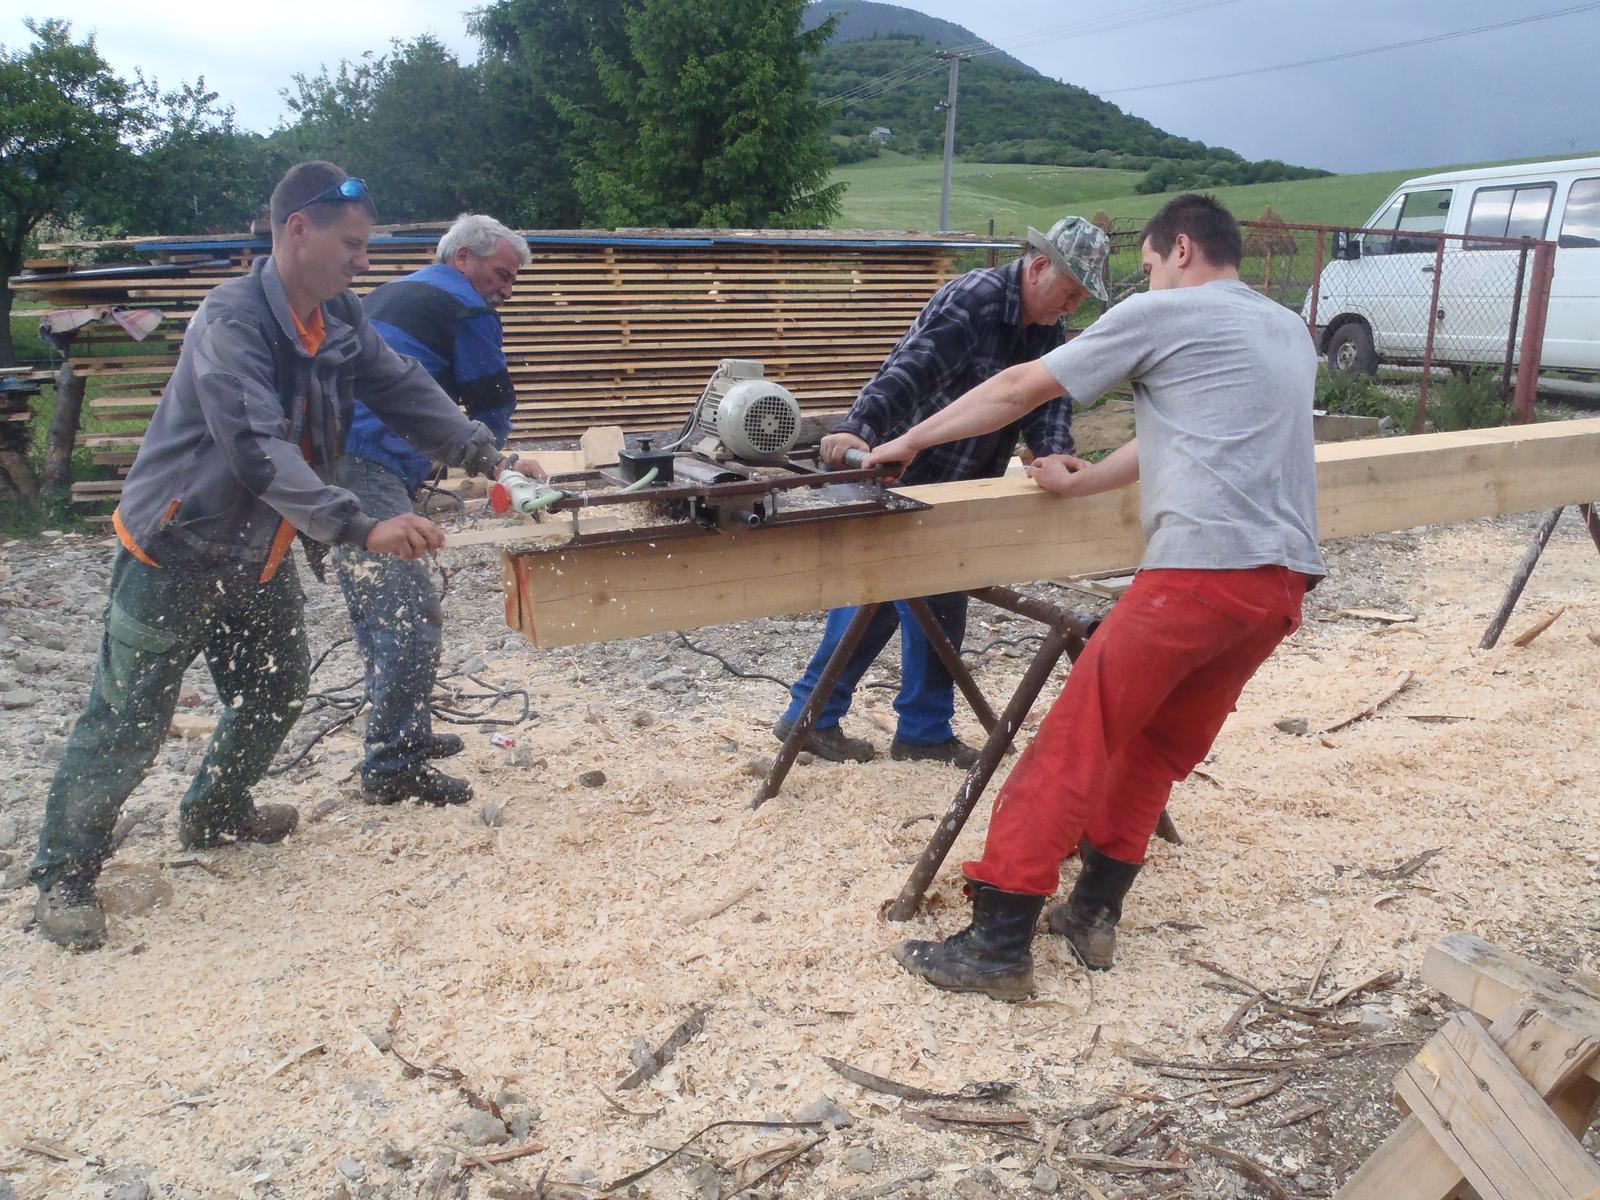 Náš veľký sen o drevenom domčeku! - Obrázok č. 46